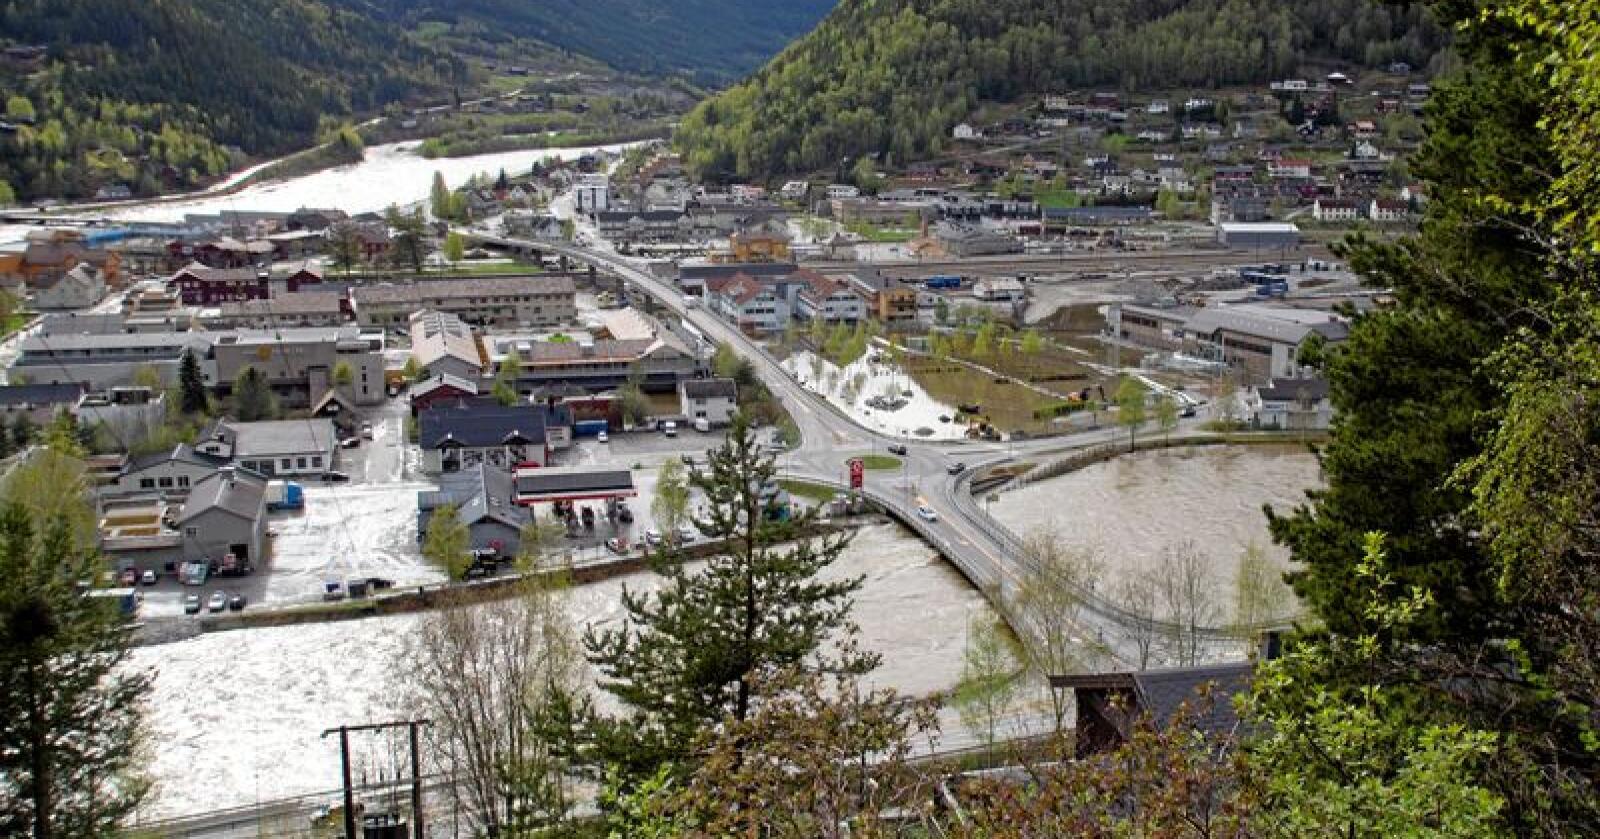 Otta, sentrum i Sel kommune, ble hardt rammet under helgas flom. NVE mener det er behov for 45 millioner kroner i flomsikring i kommunen. Foto: NTB scanpix